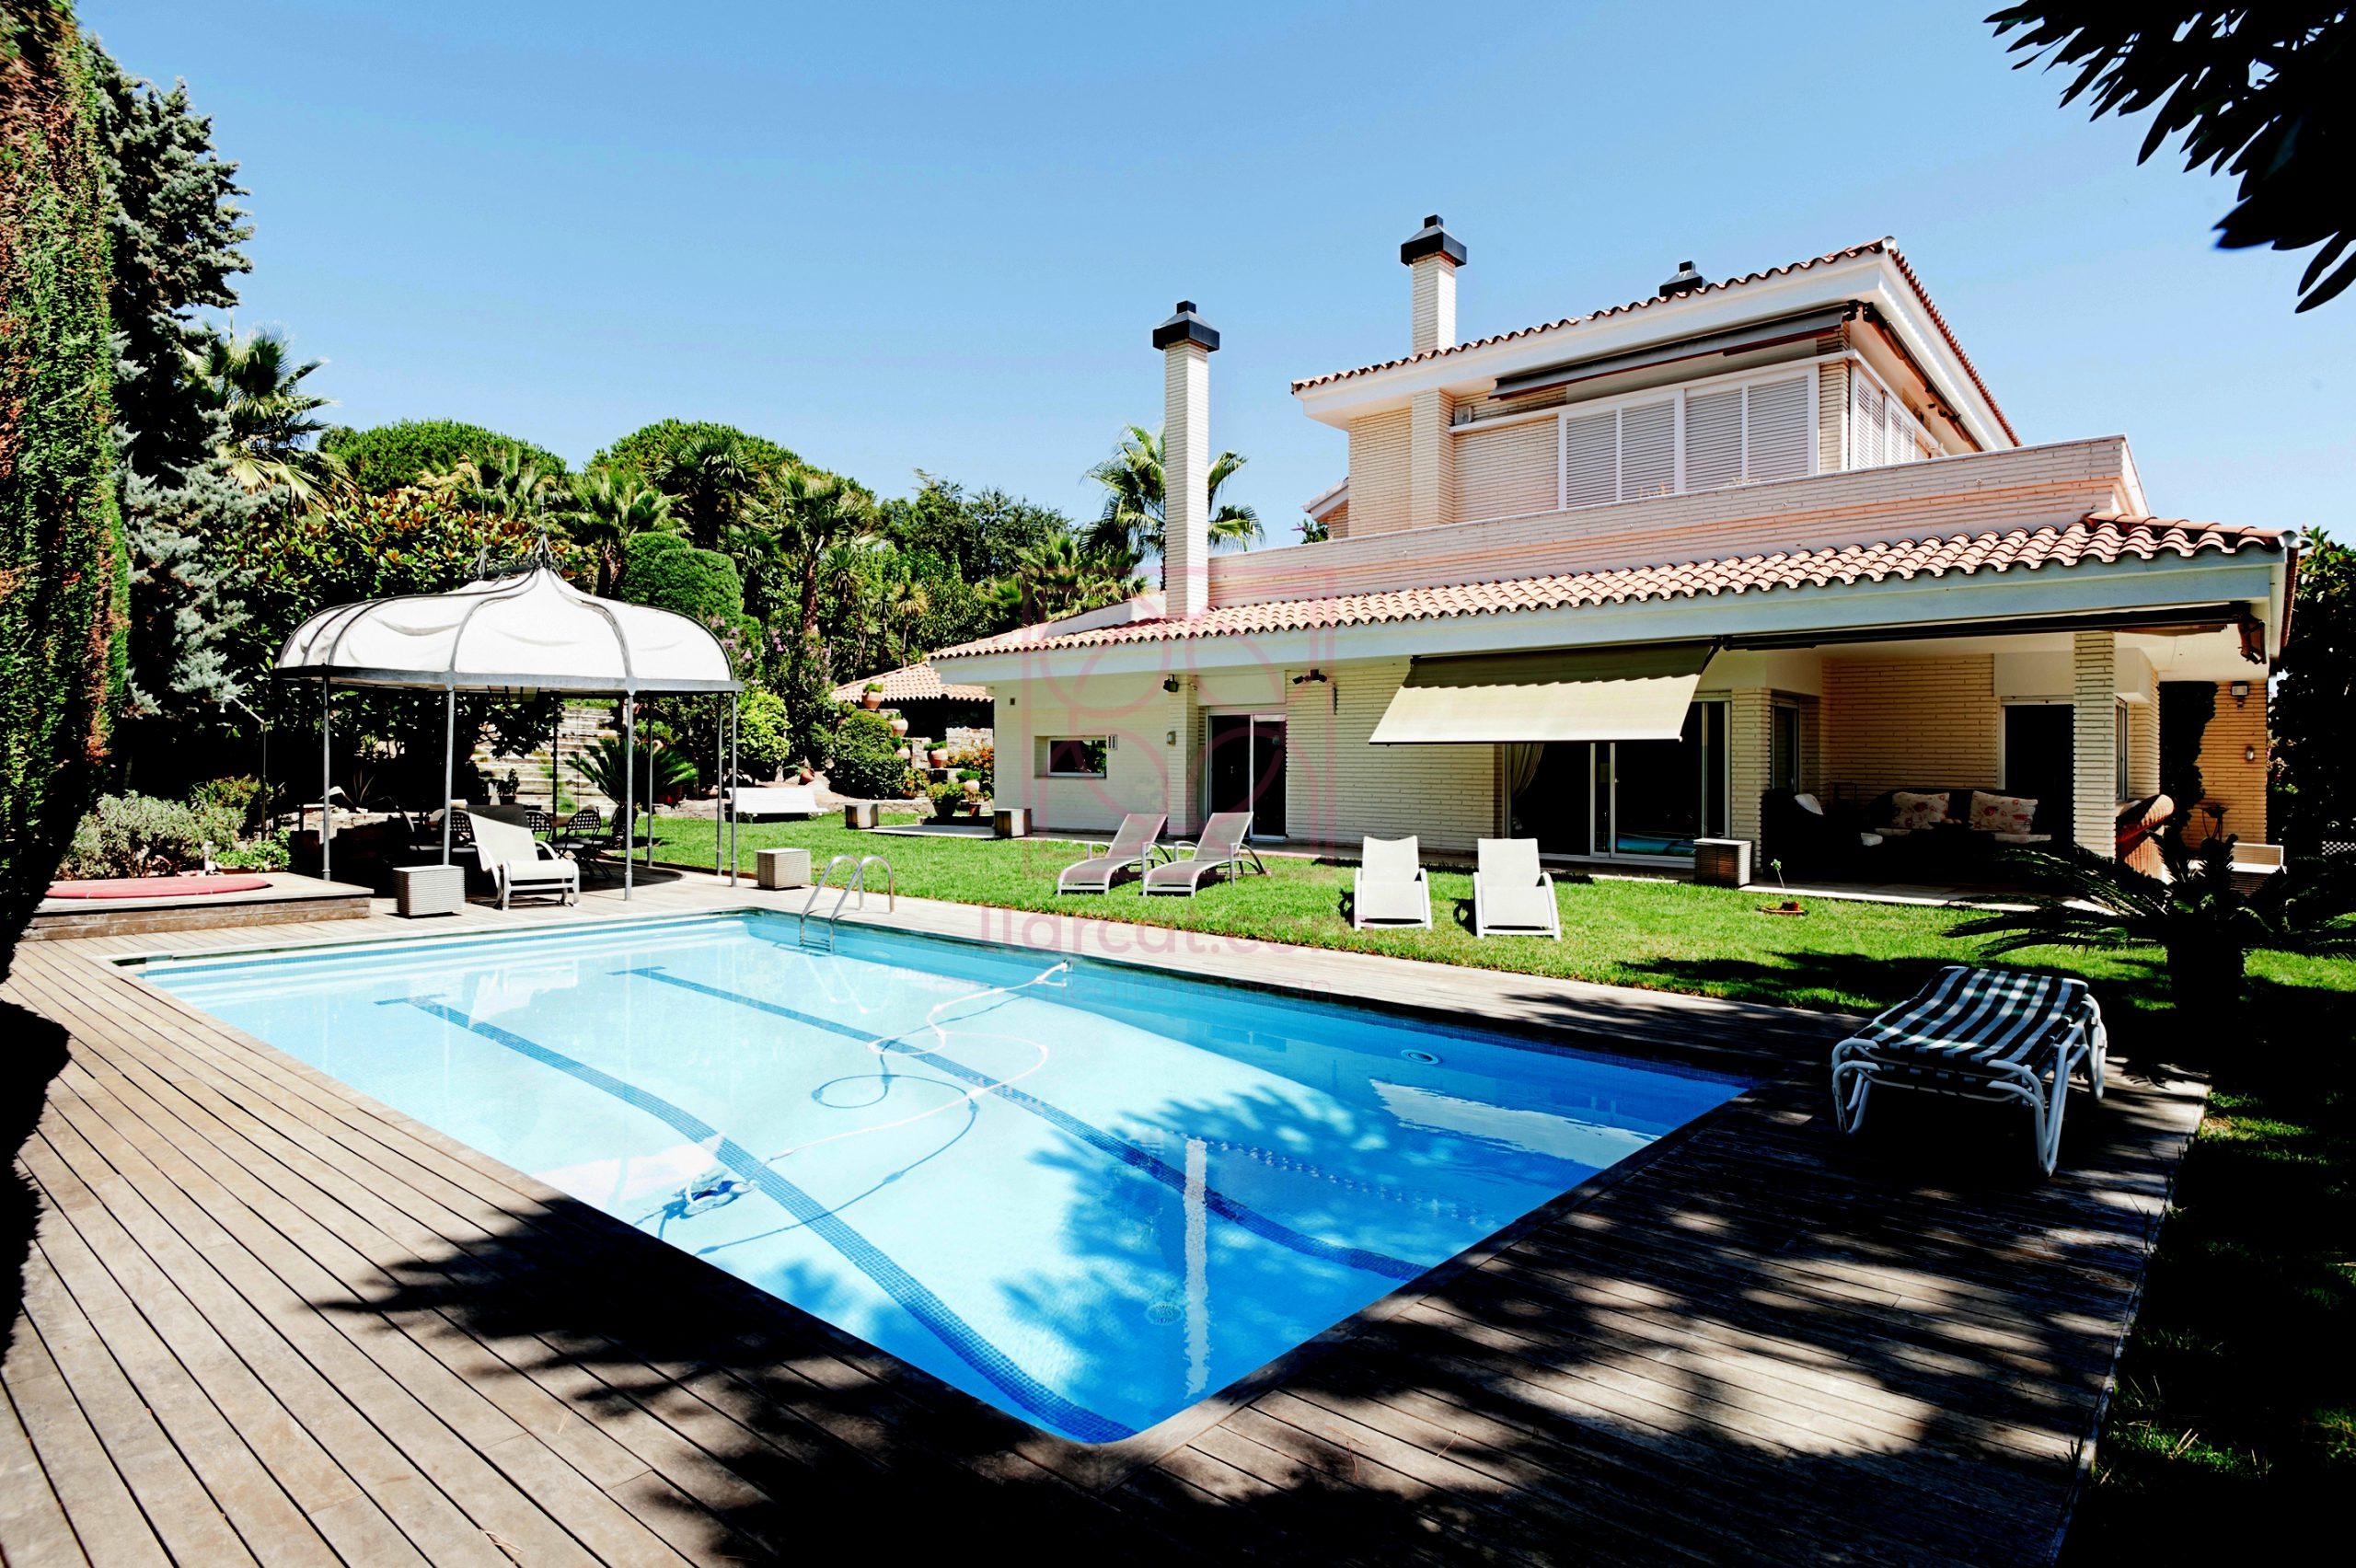 Casa en Alella en venta. Excelente ubicación y encanto.